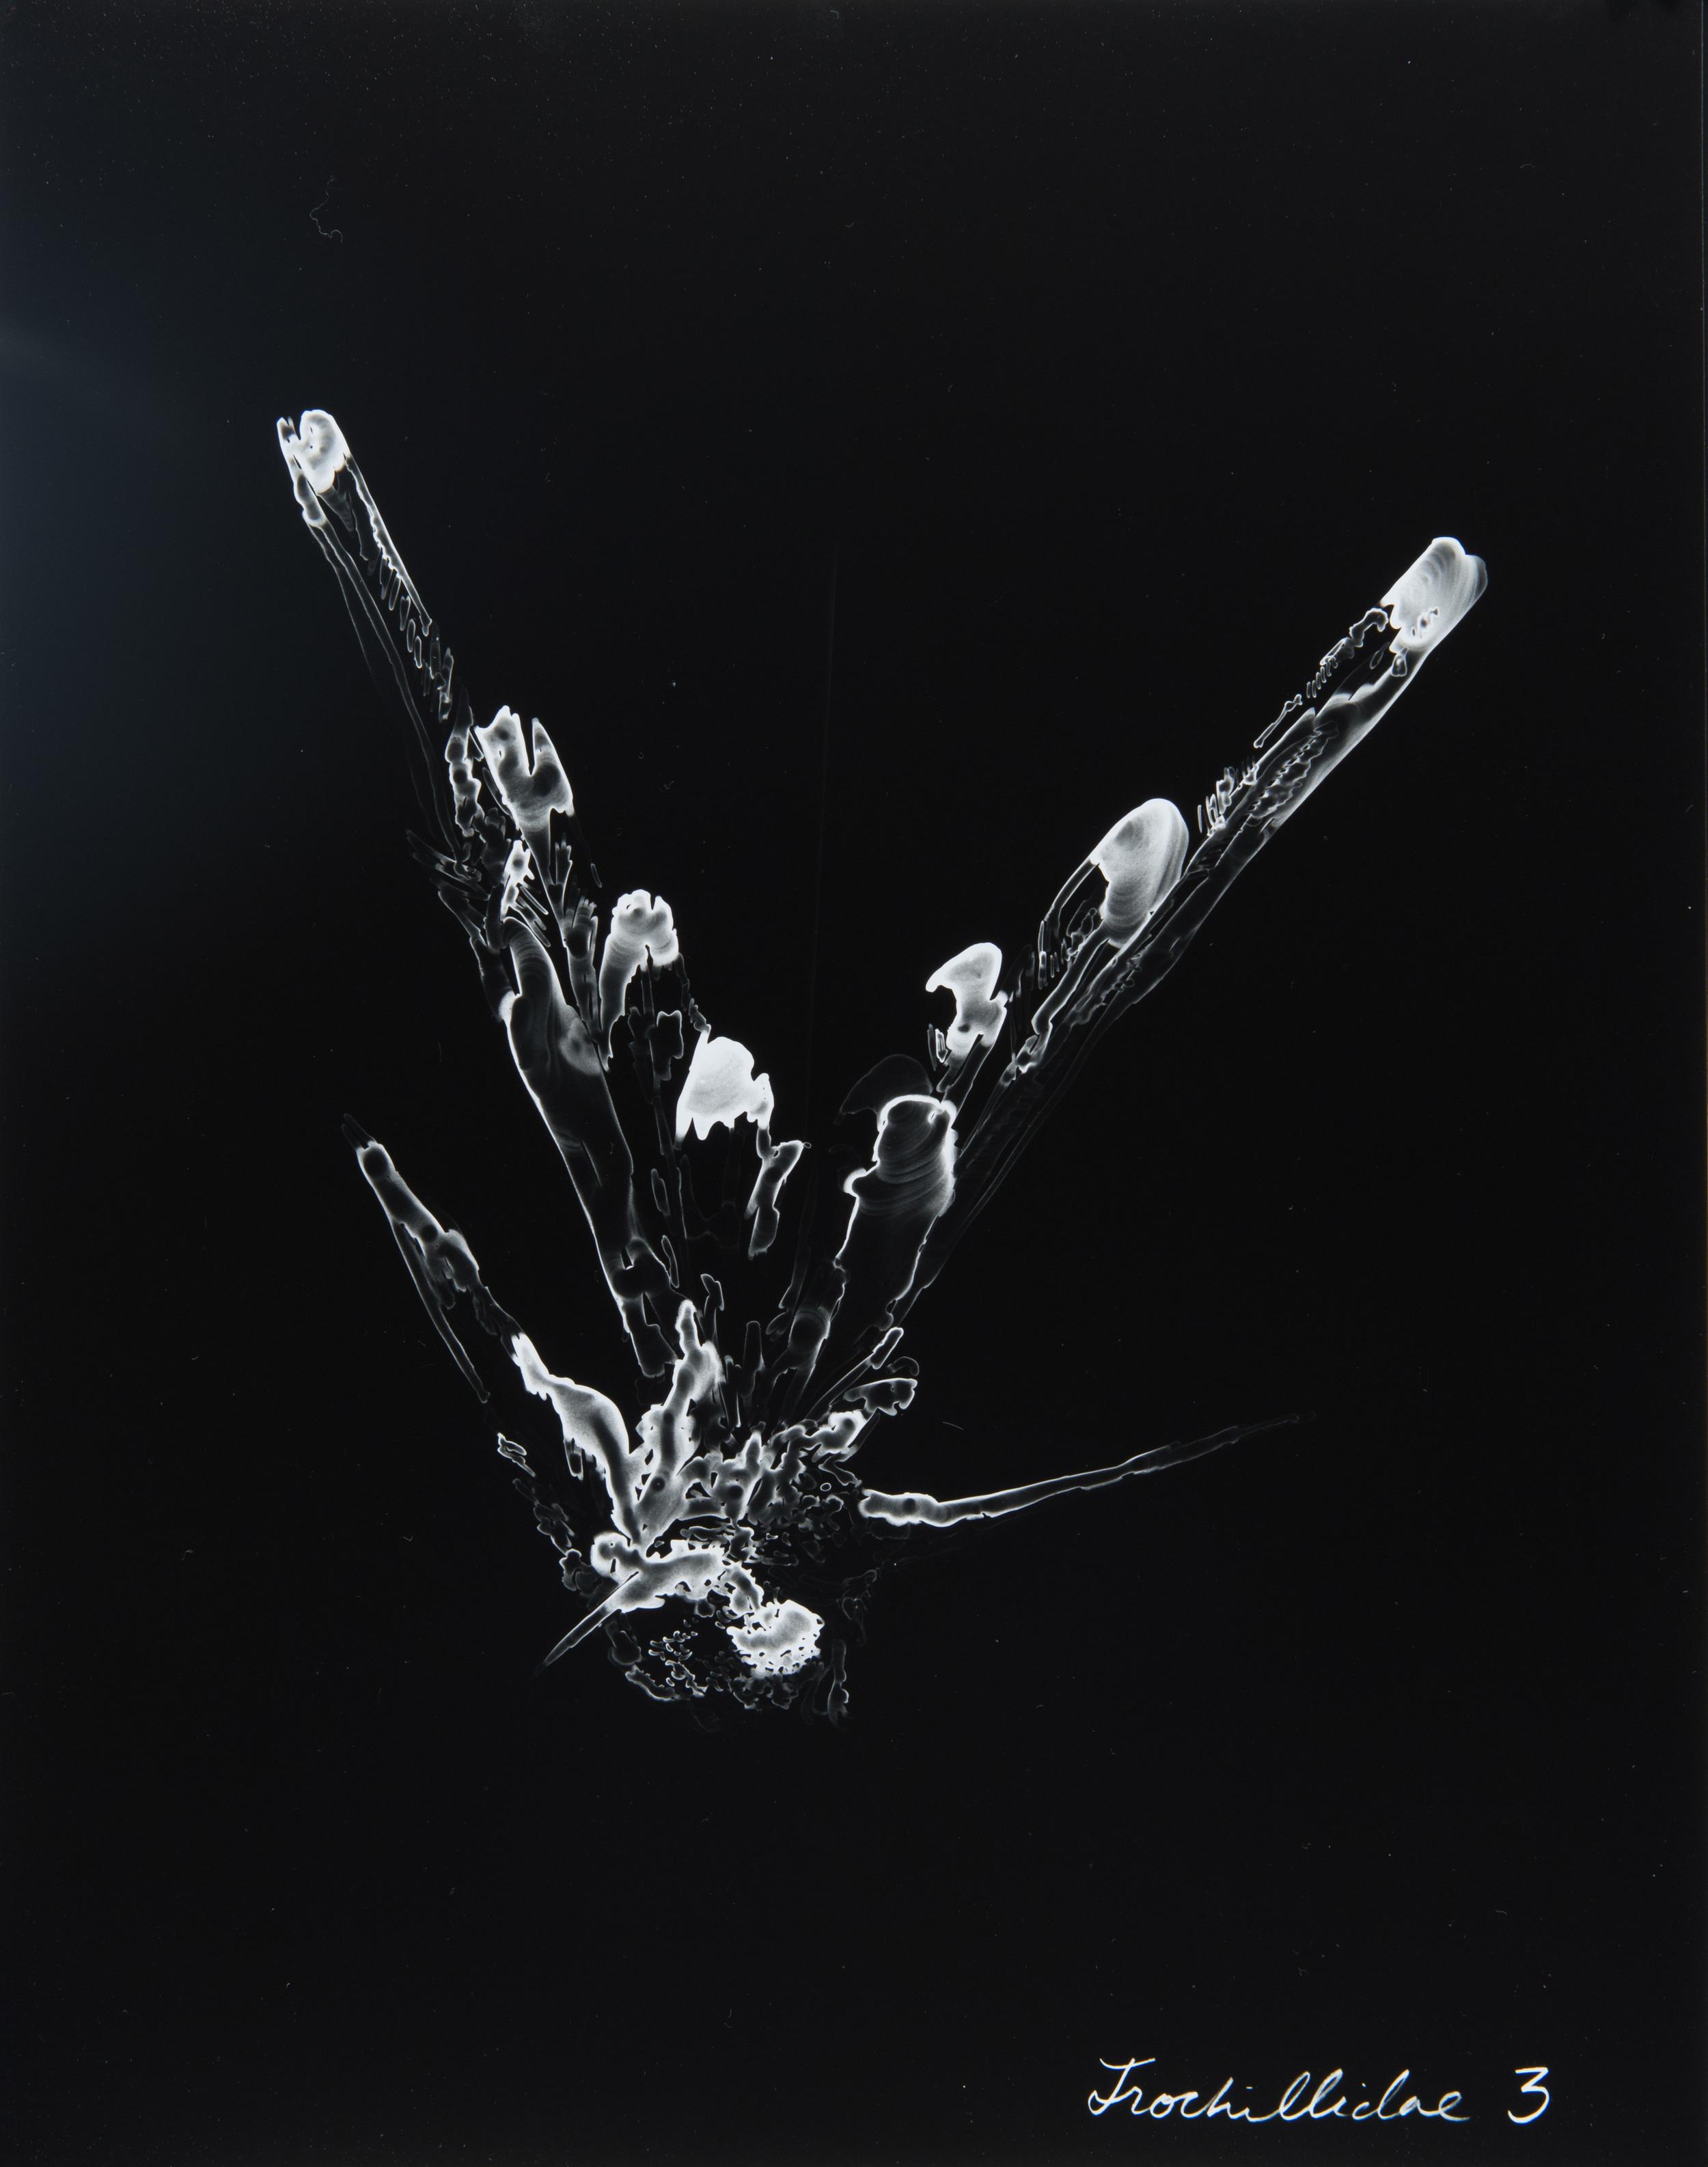 Trochillidae 3  2013 Cliché-verre print, 14 x 11 inches